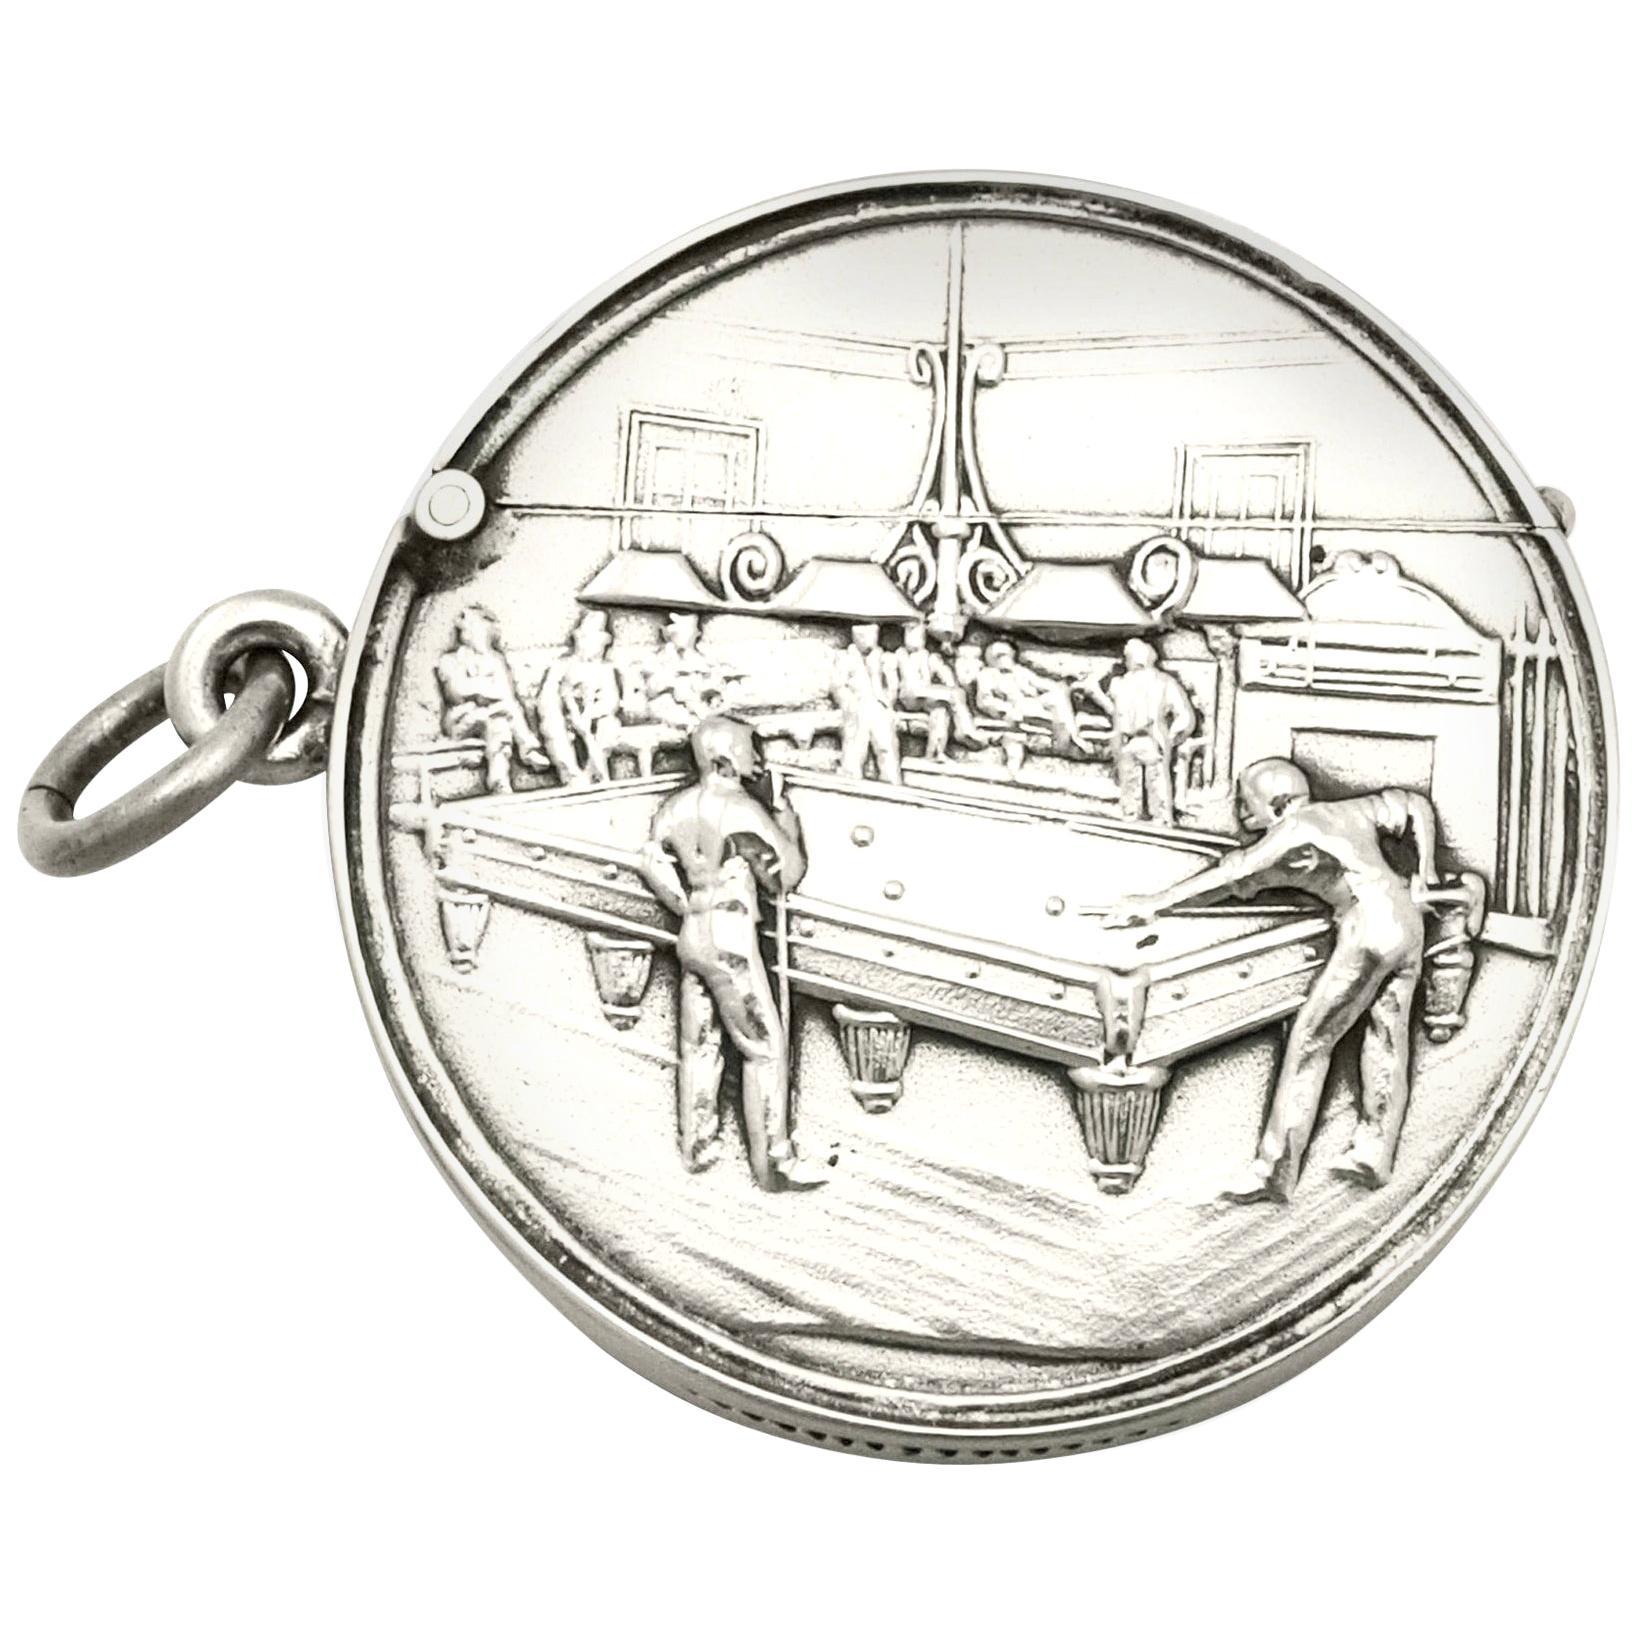 Antique Edwardian Sterling Silver Vesta Case